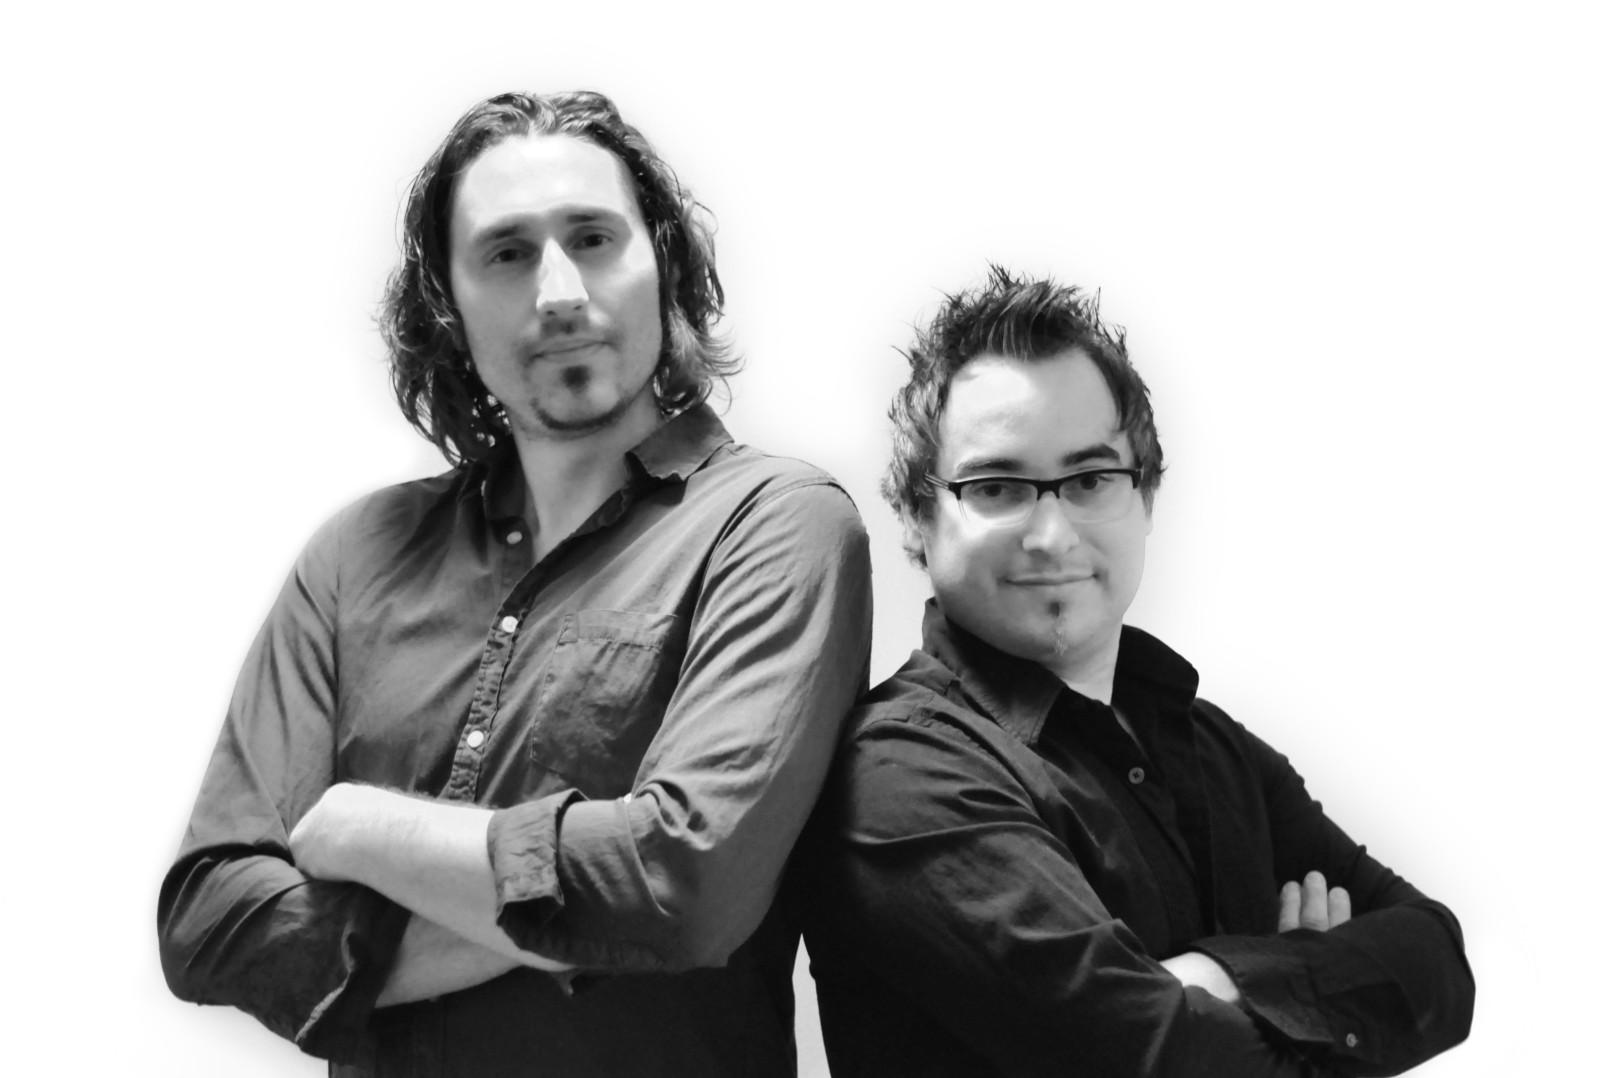 Ryan Louagie (Left) and Carlos Henriques